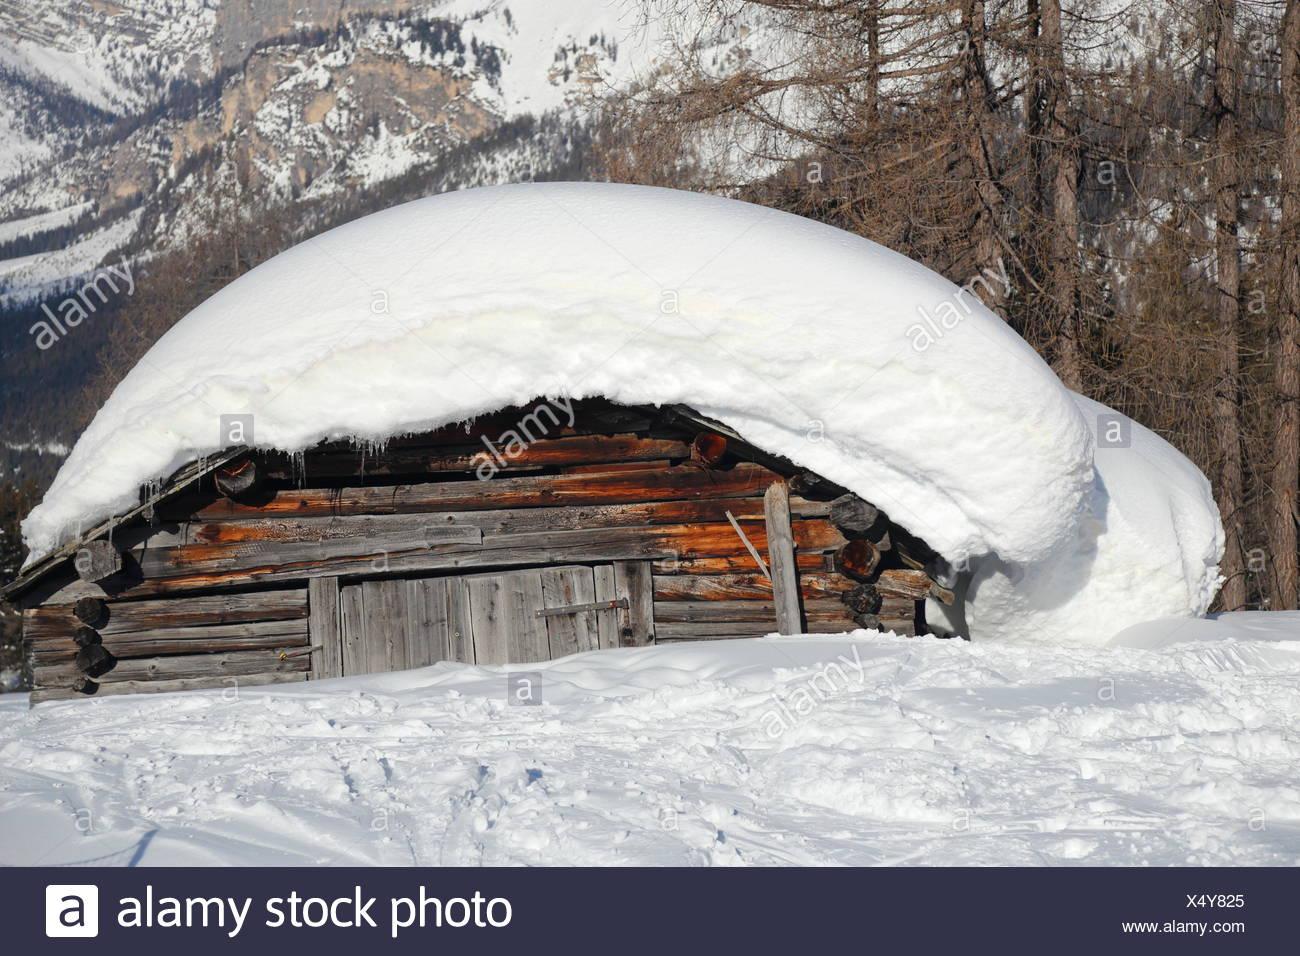 schneebedeckte Hütte - Stock Image